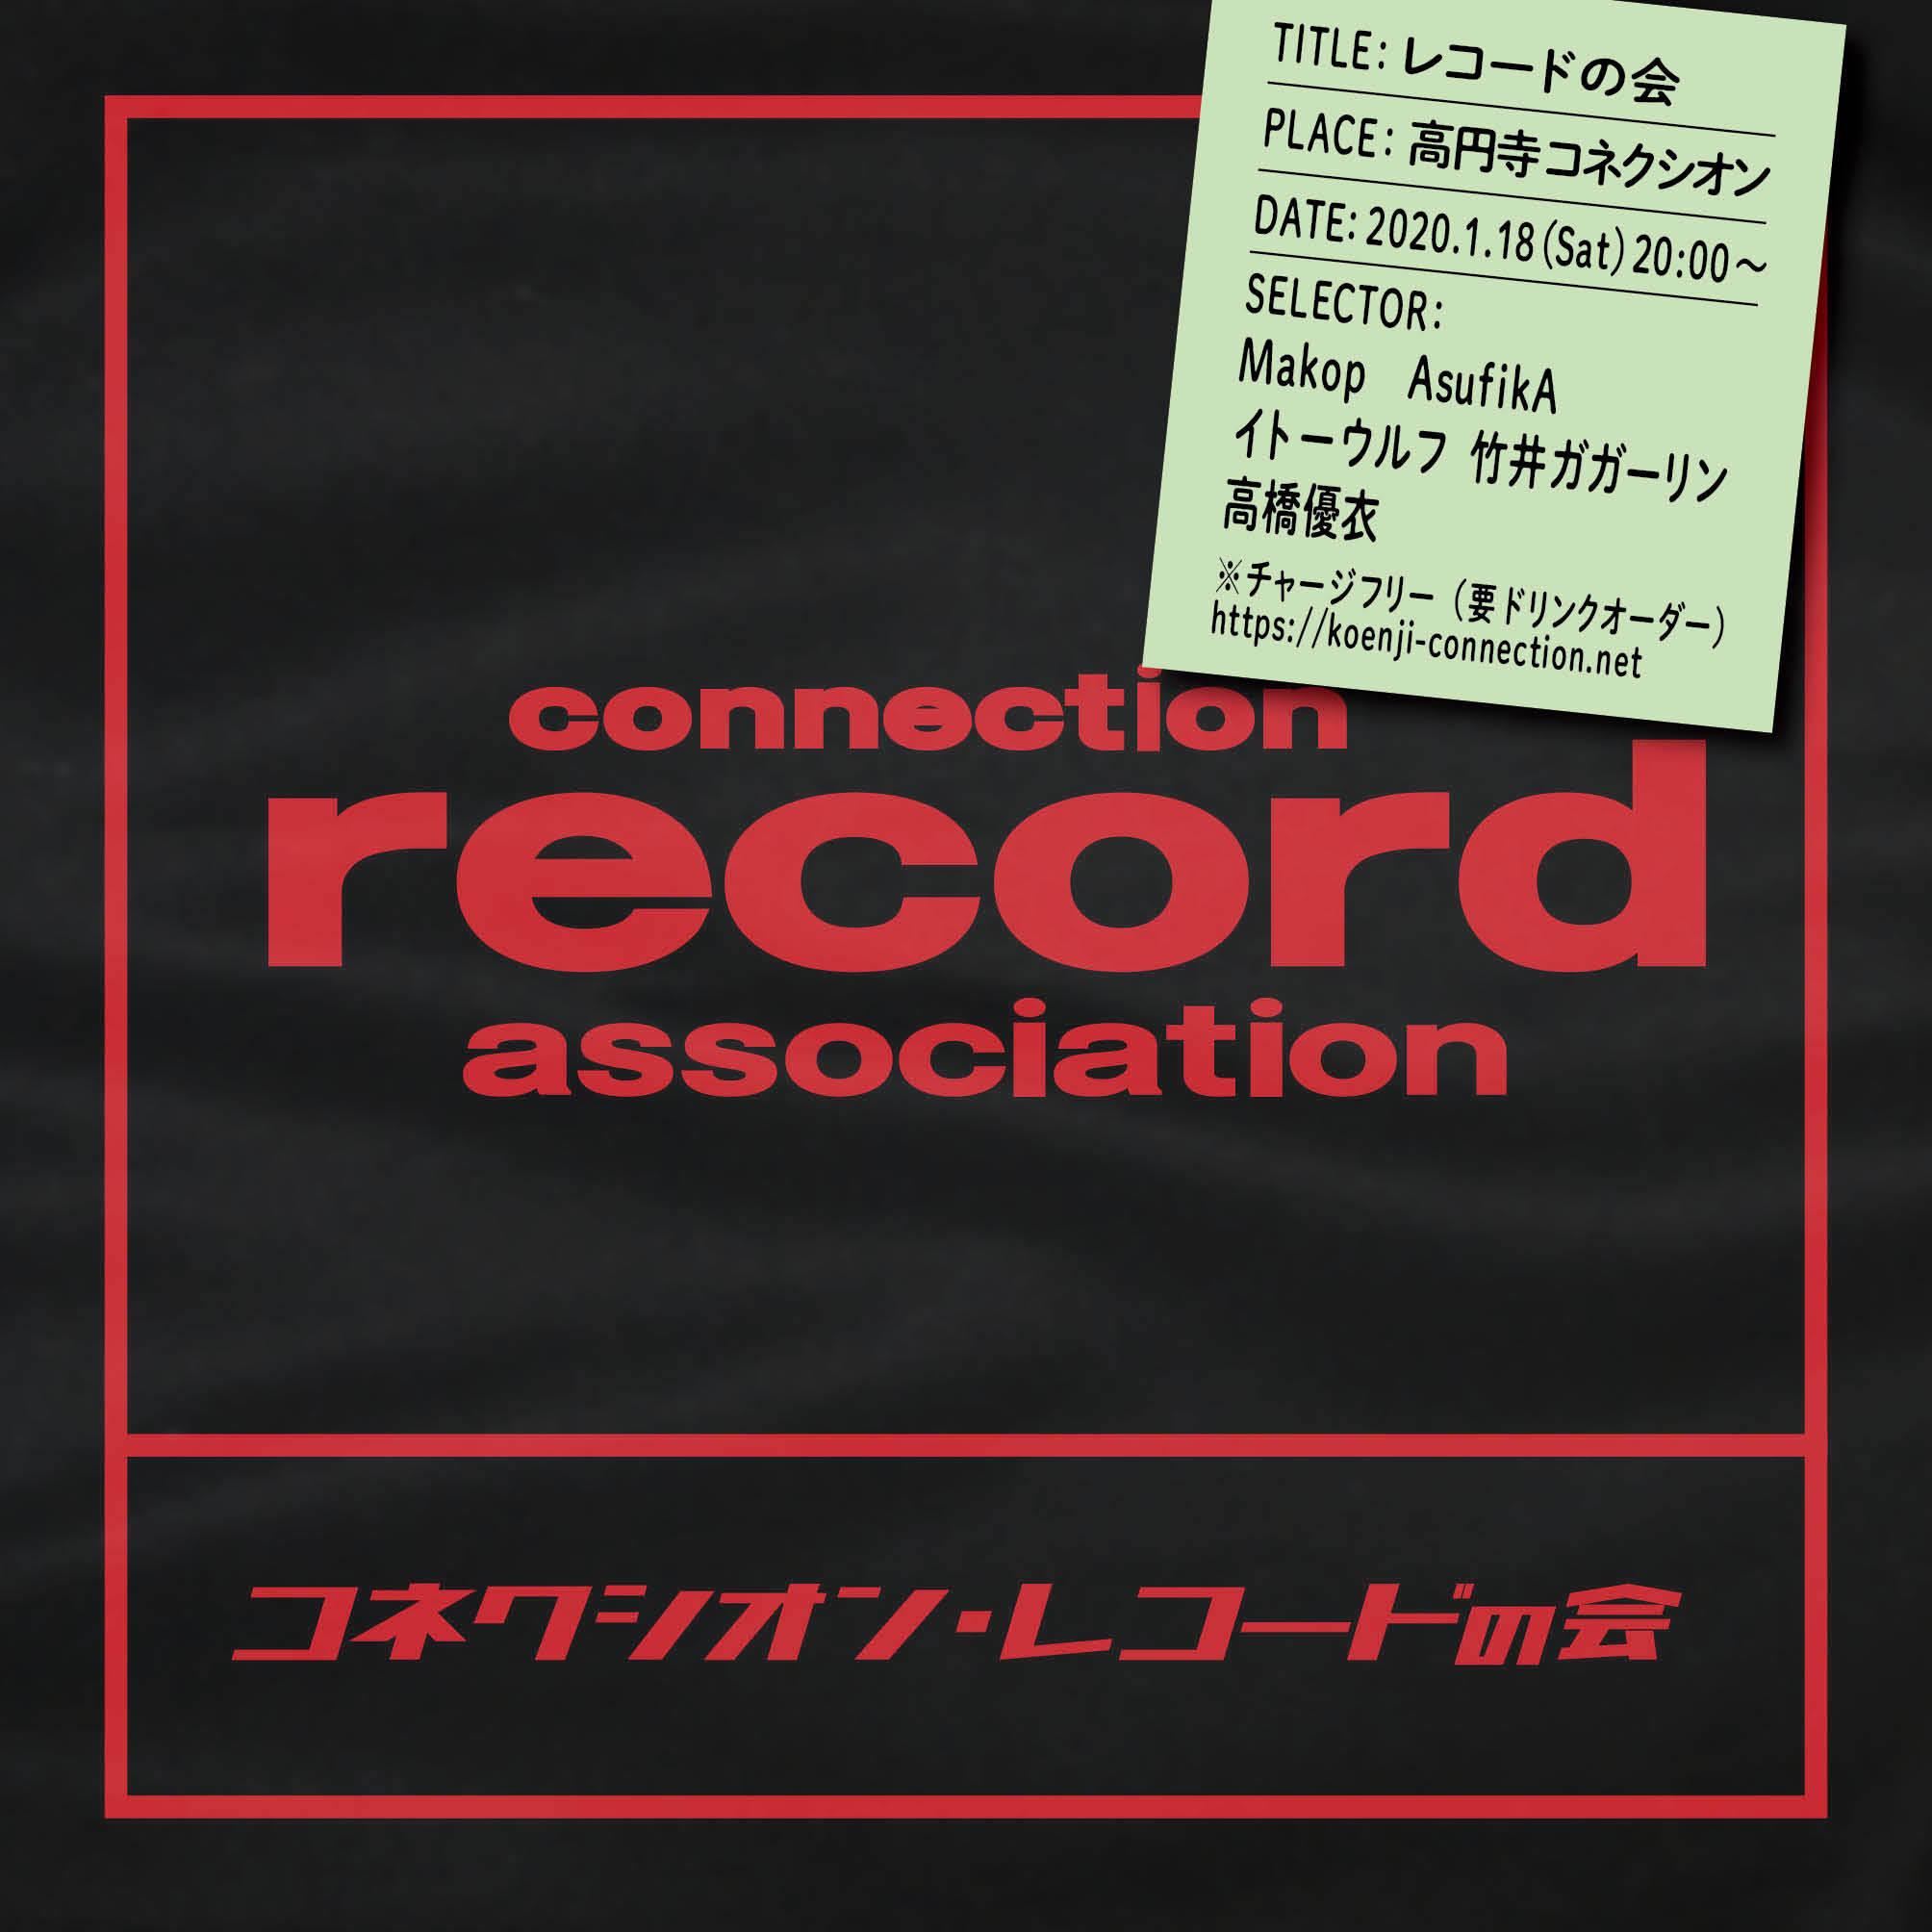 01/18(土)コネクシオン レコードの会・2020年冬_c0099300_14011828.jpg